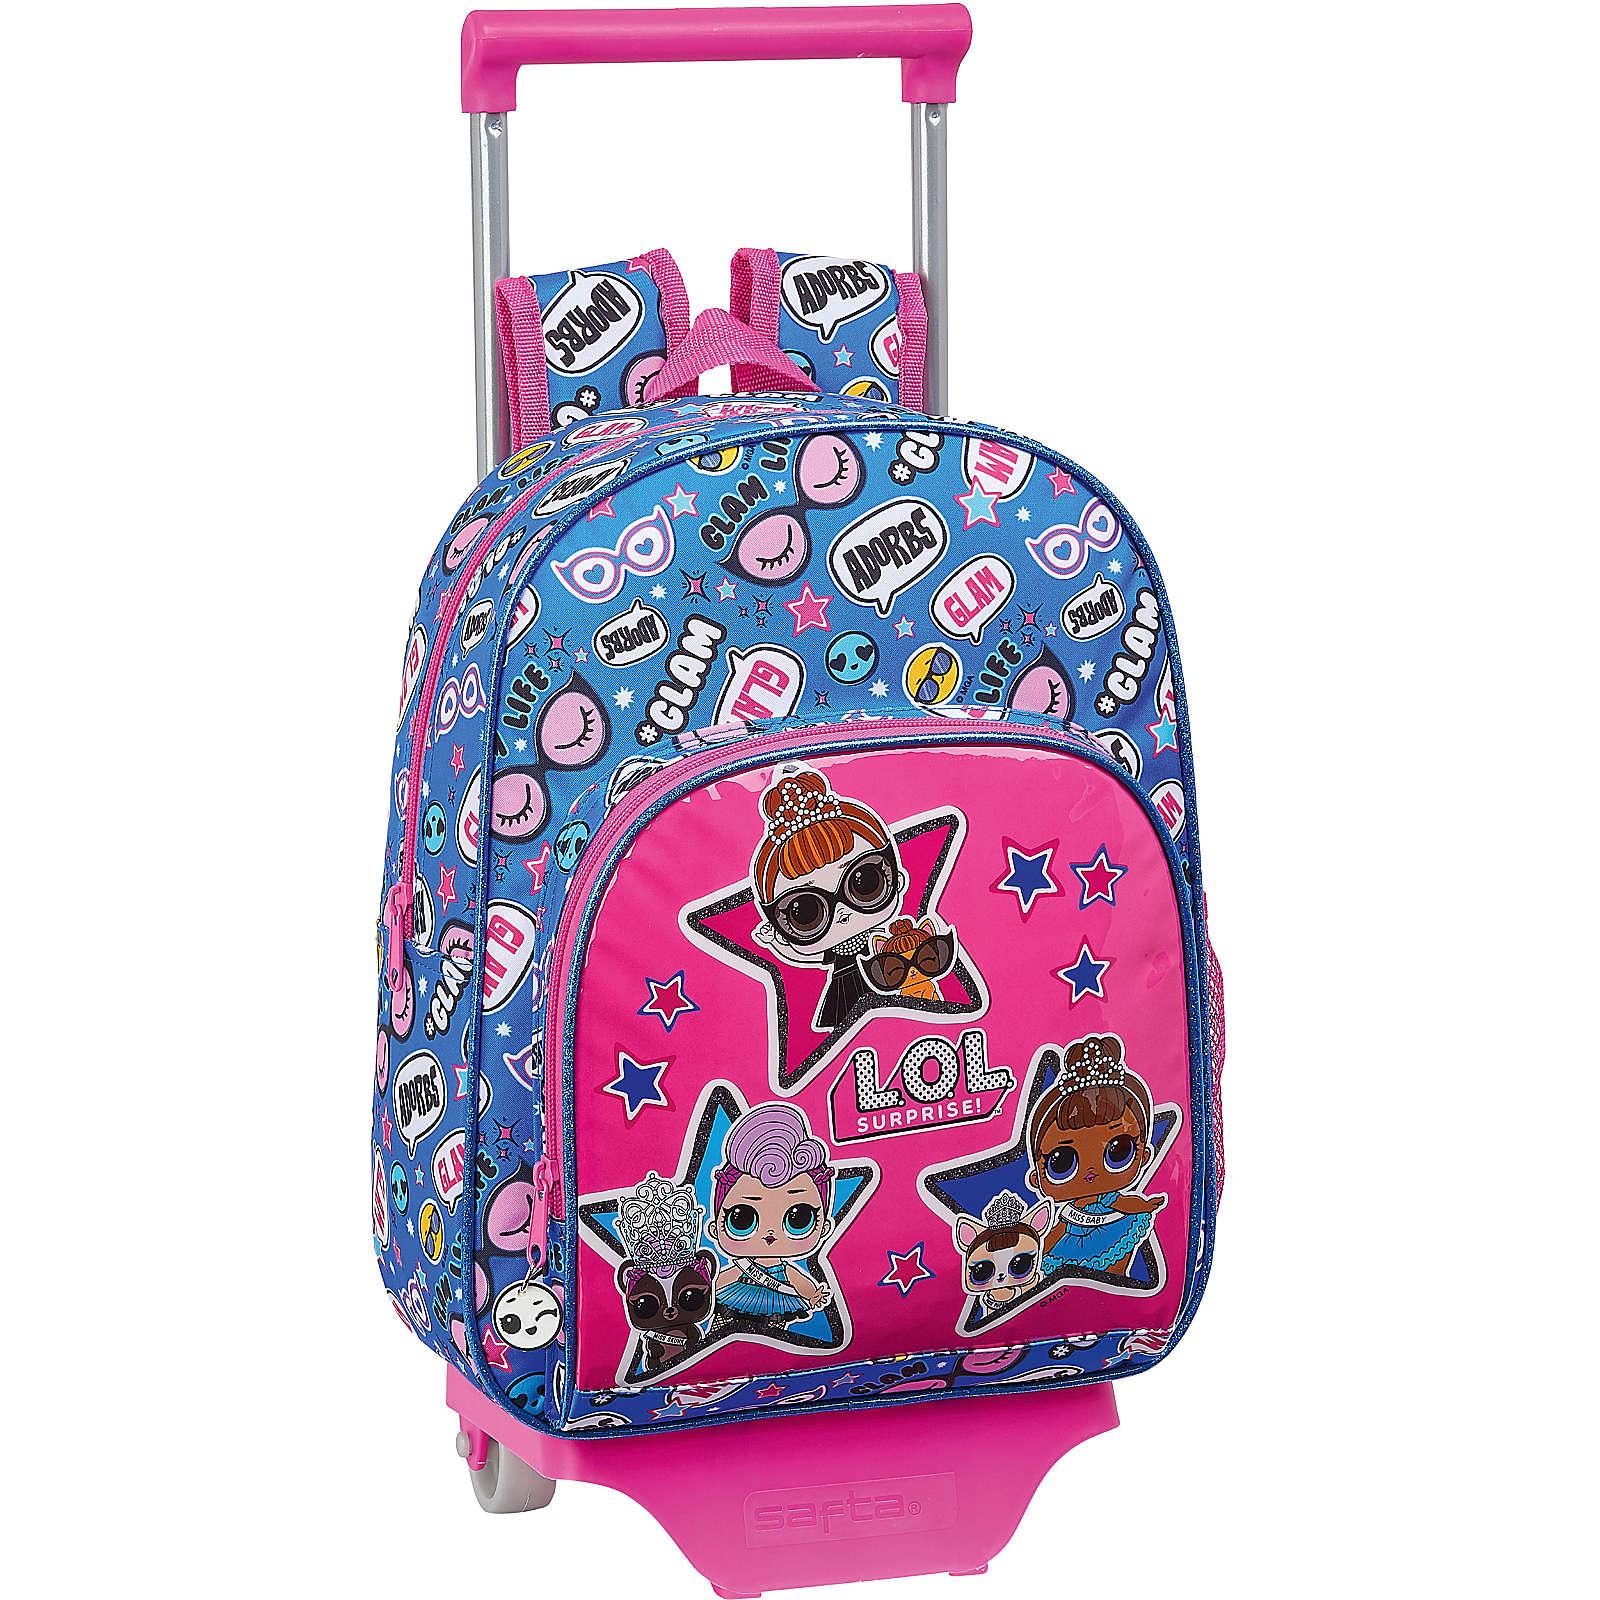 safta Rucksack-Trolley L.O.L. Surprise! Together pink/blau Mädchen